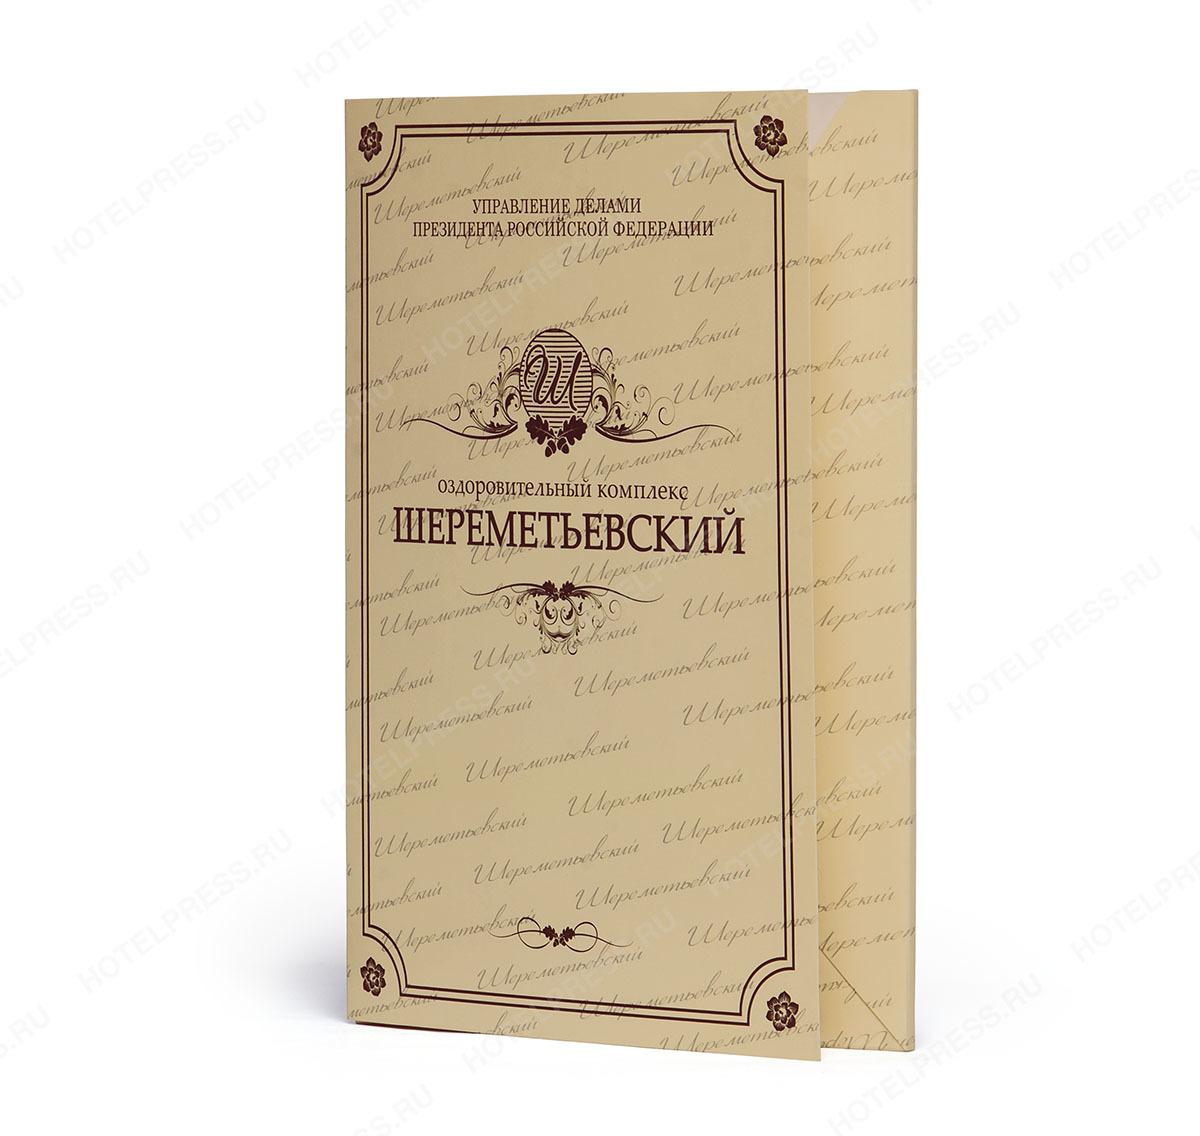 Полноцветная фирменная папка оздоровительного комплекса «Шереметьевский»